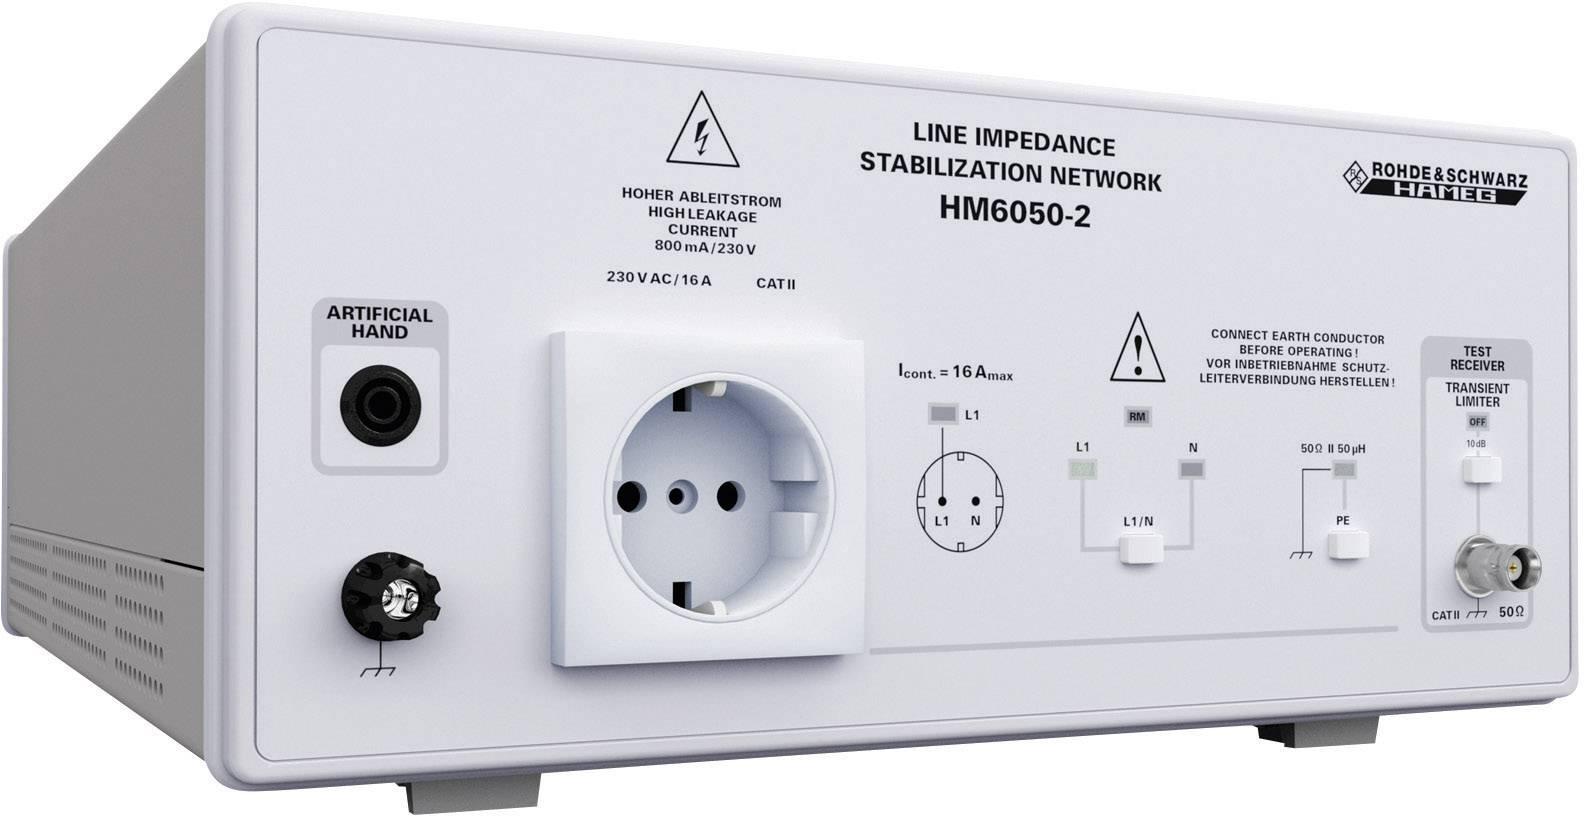 Linkový impedanční stabilizátor sítě Rohde & Schwarz HM6050-2 3593.0351K02